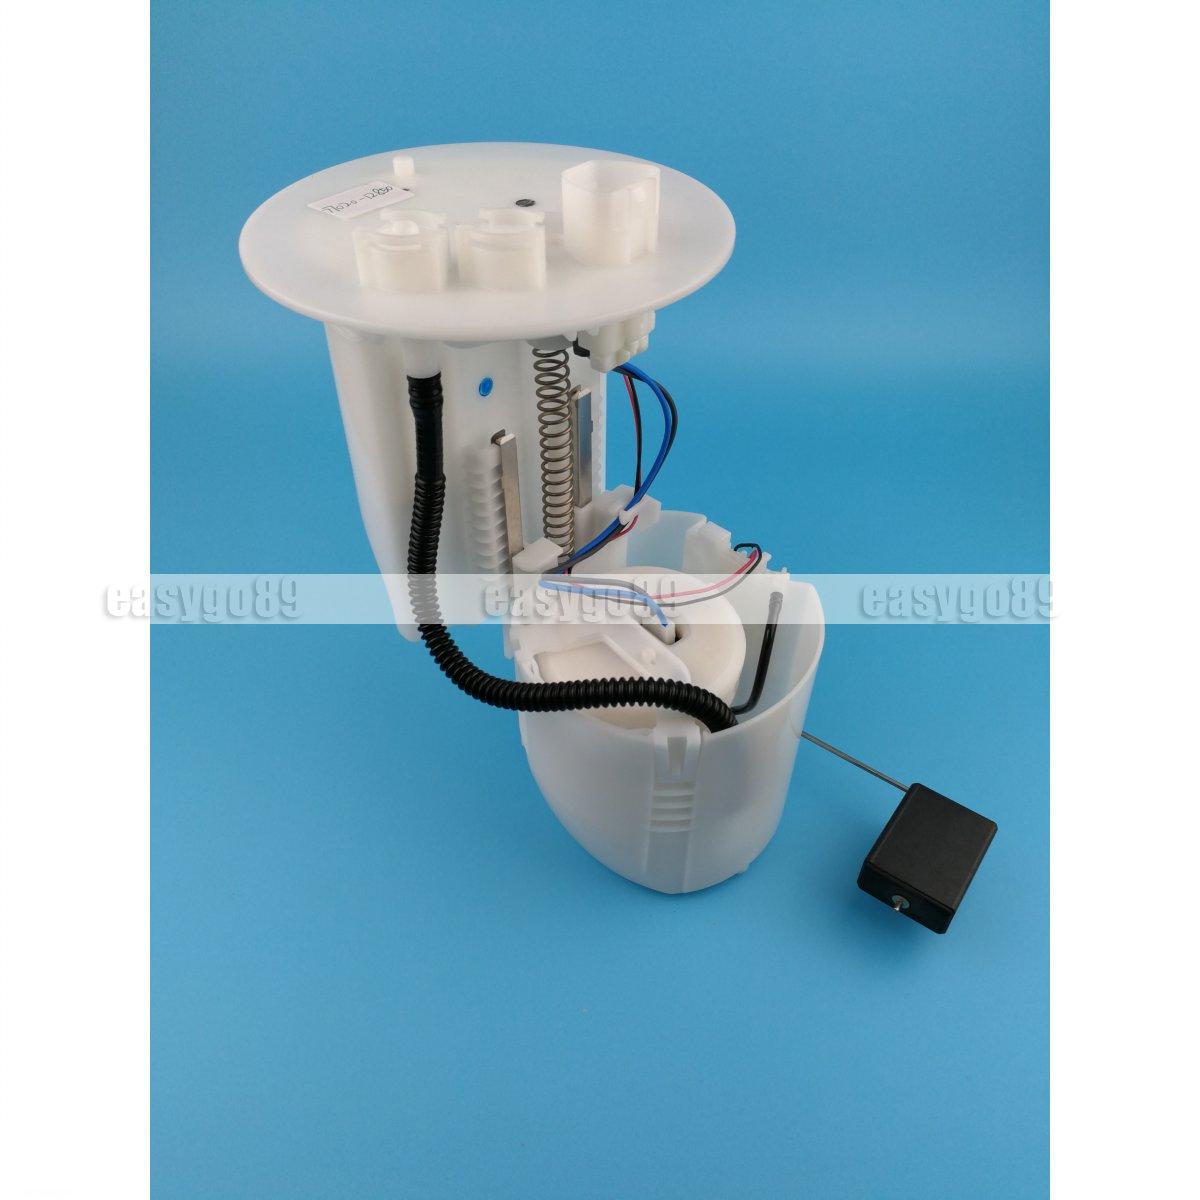 Fuel Pump Module Assembly Fits 06-18 Toyota Yaris 08-14 Scion xD L4 1.5L 1.8L